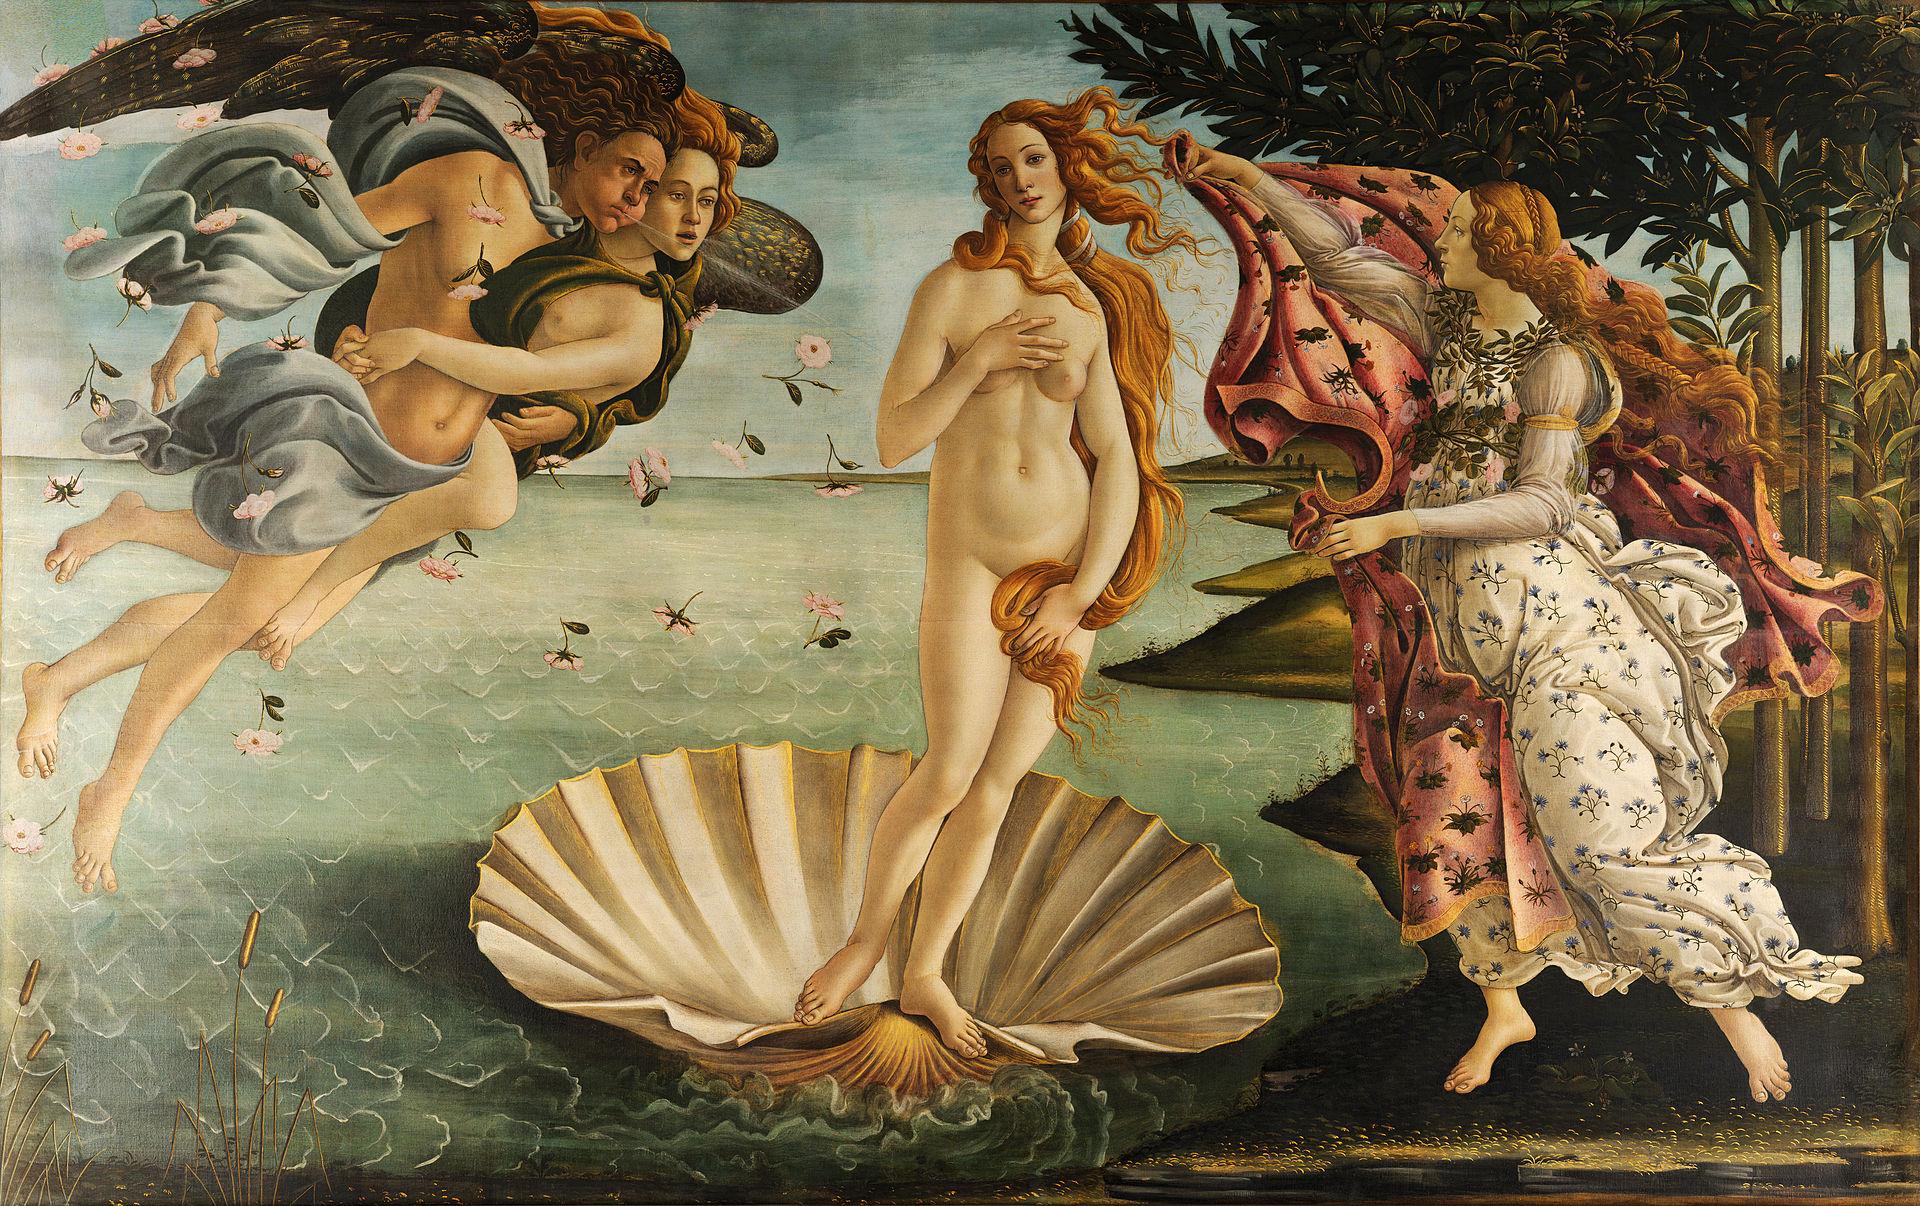 10 najsłynniejszych obrazów świata - Sandro Botticelli Narodziny Wenus